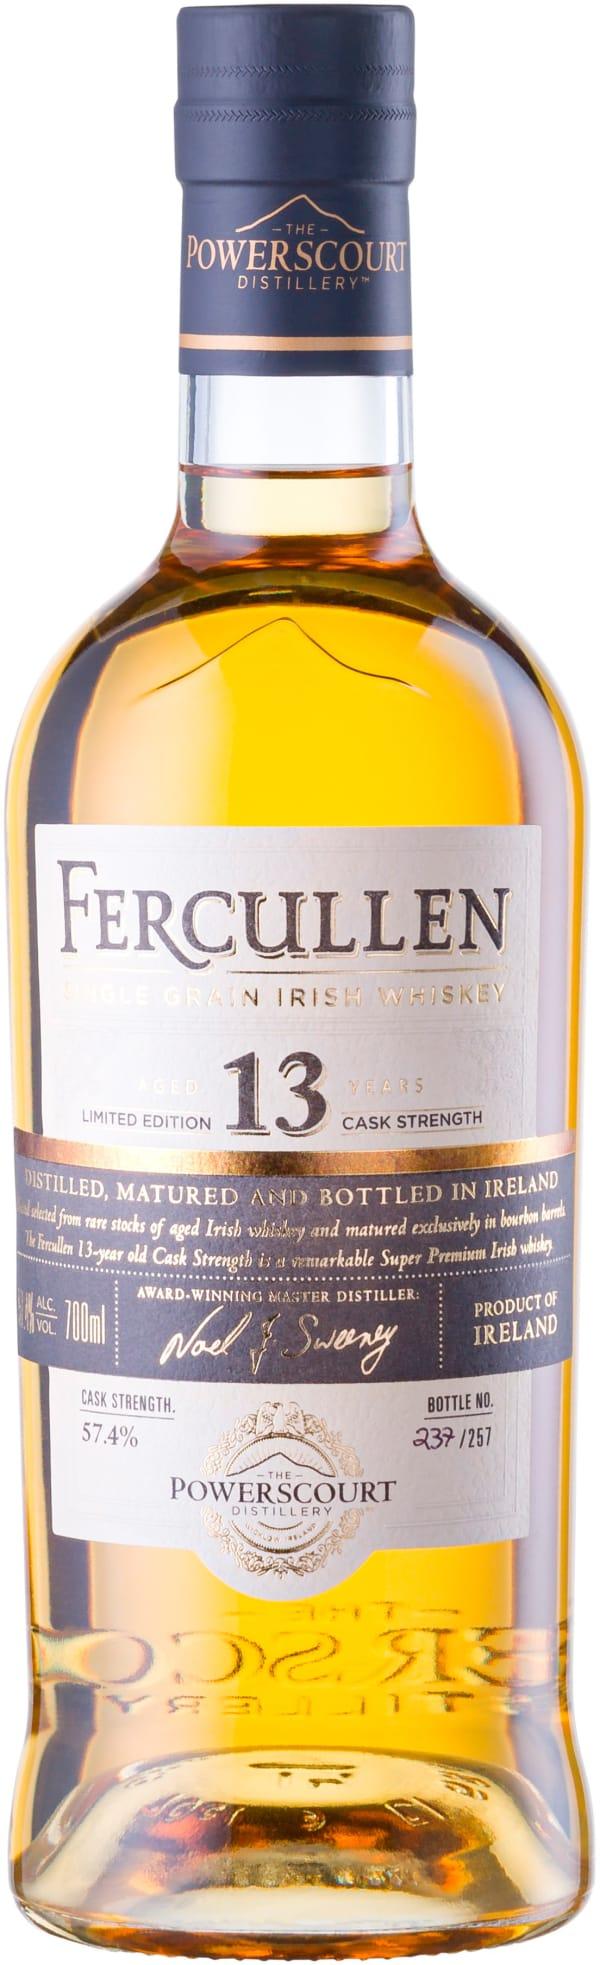 Fercullen 13 Year Old Single Cask Release Single Grain